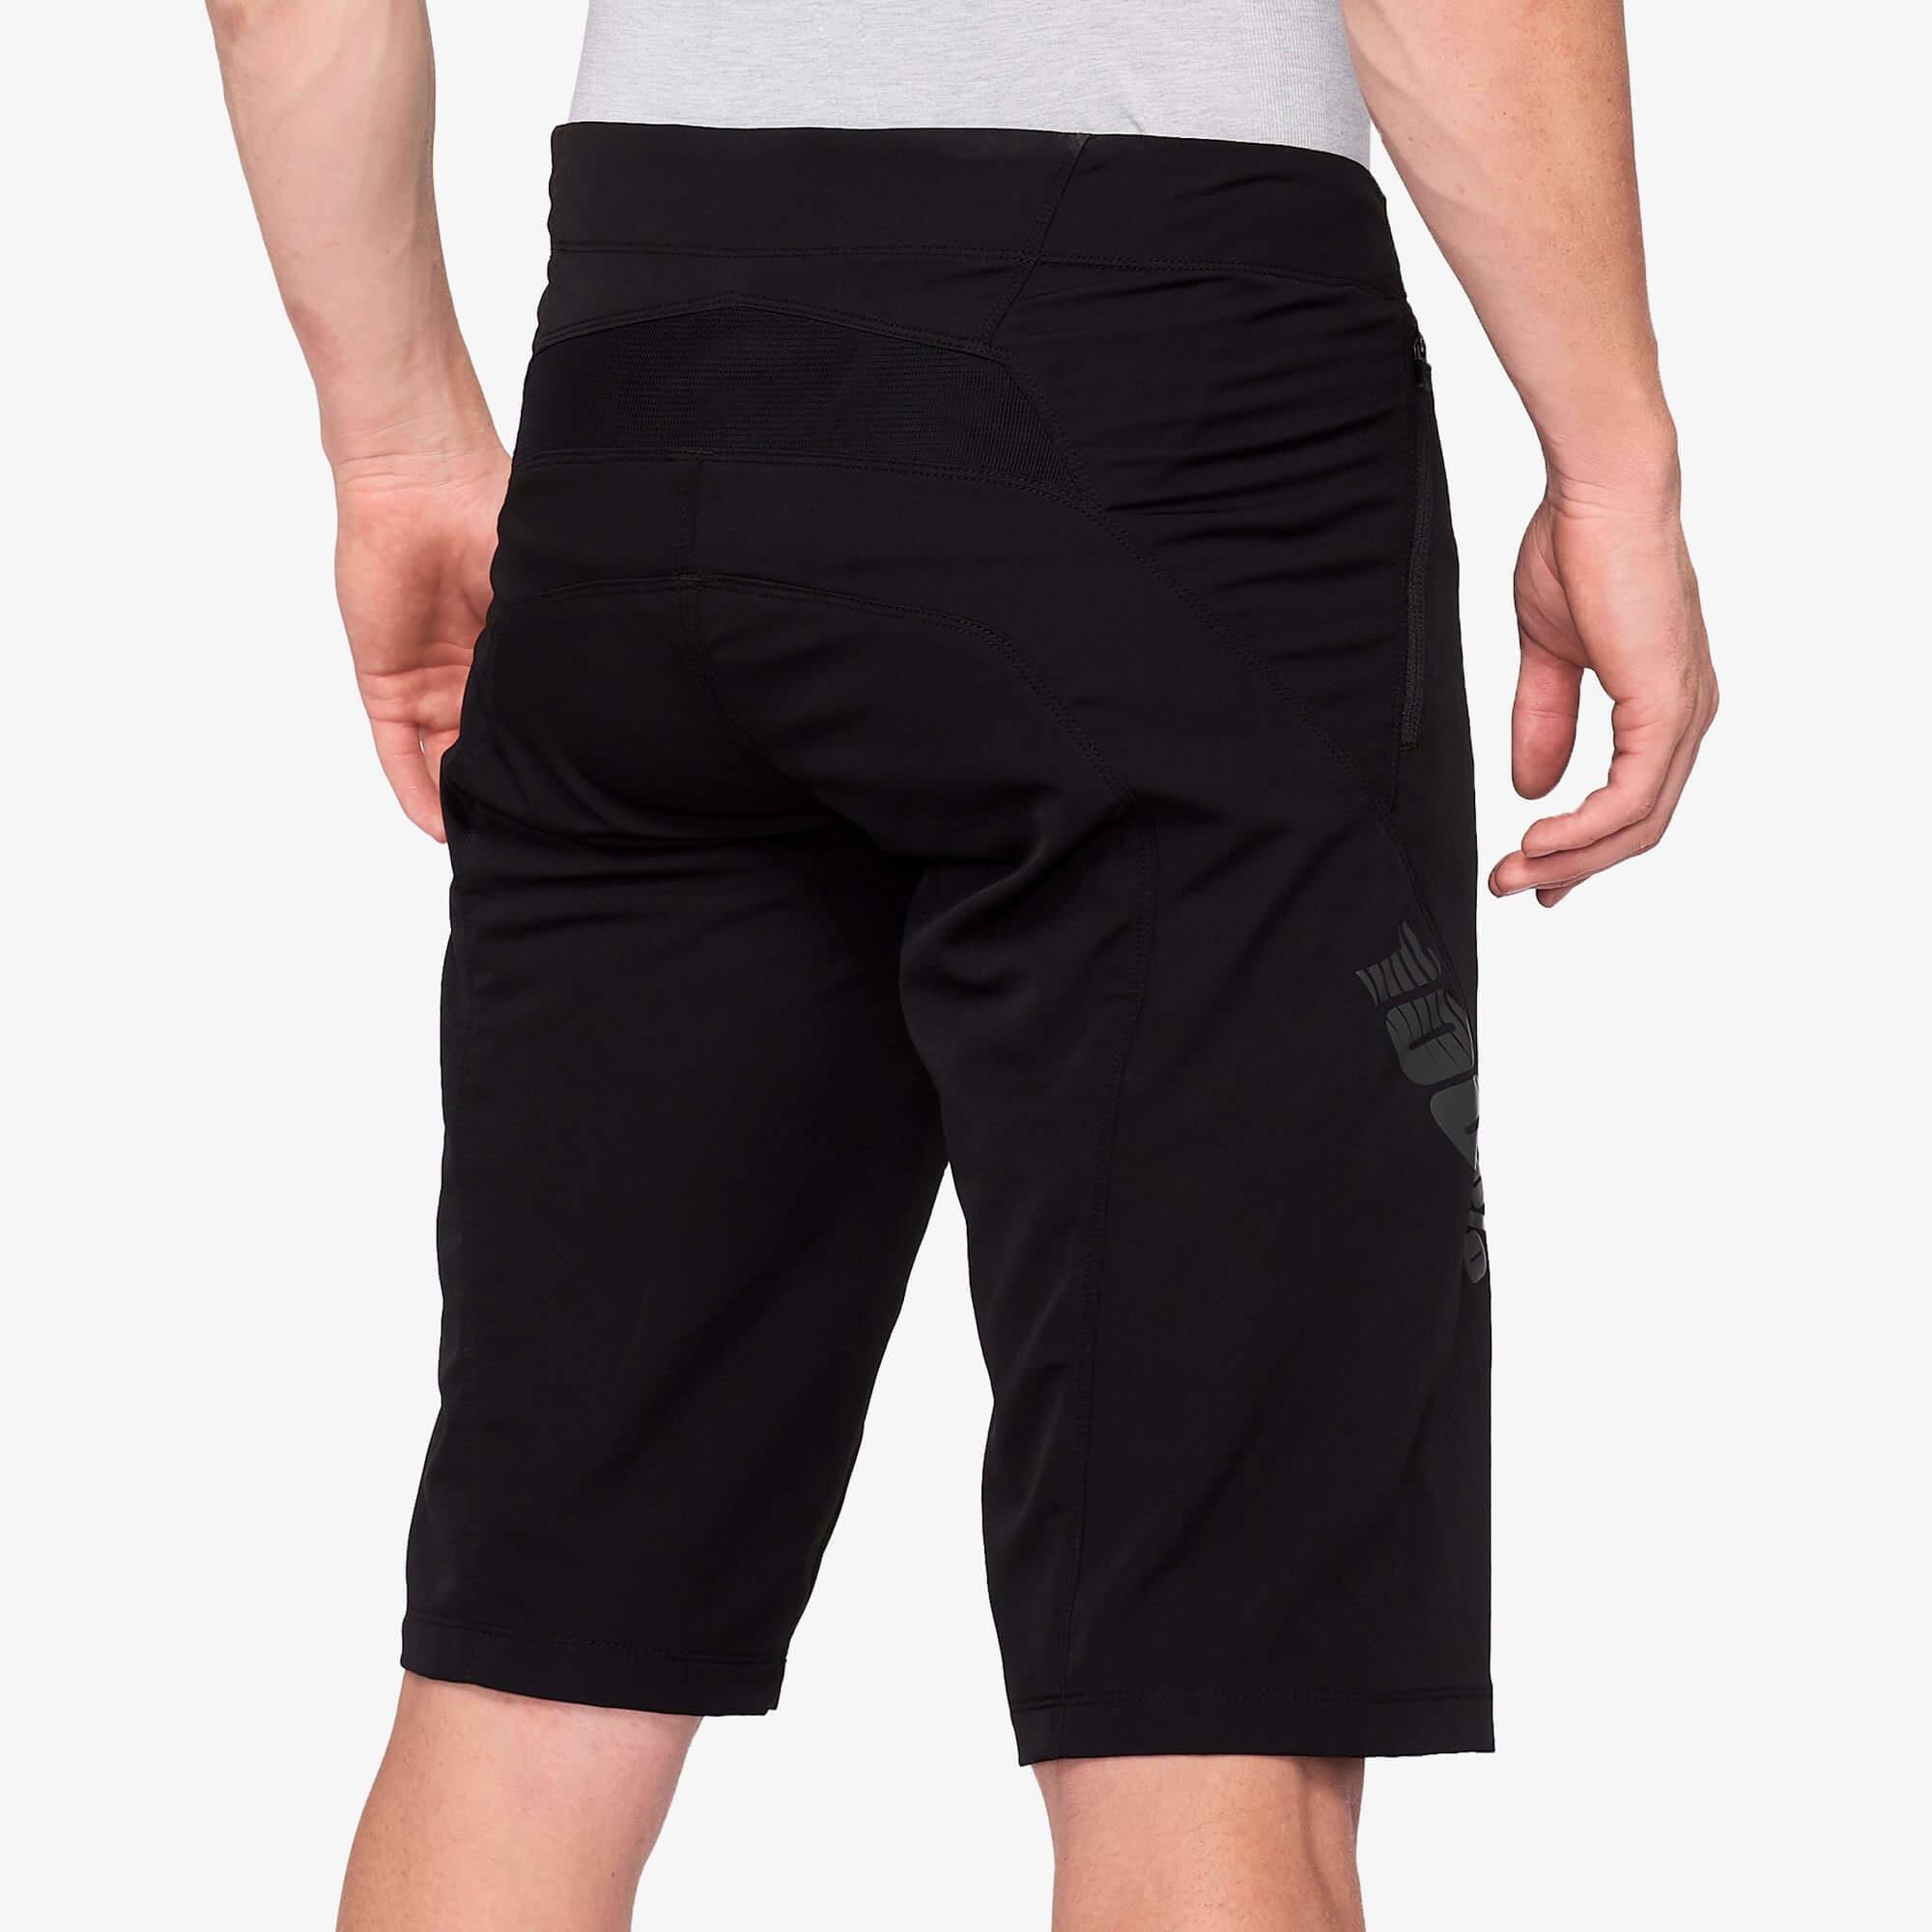 Airmatic Shorts-10